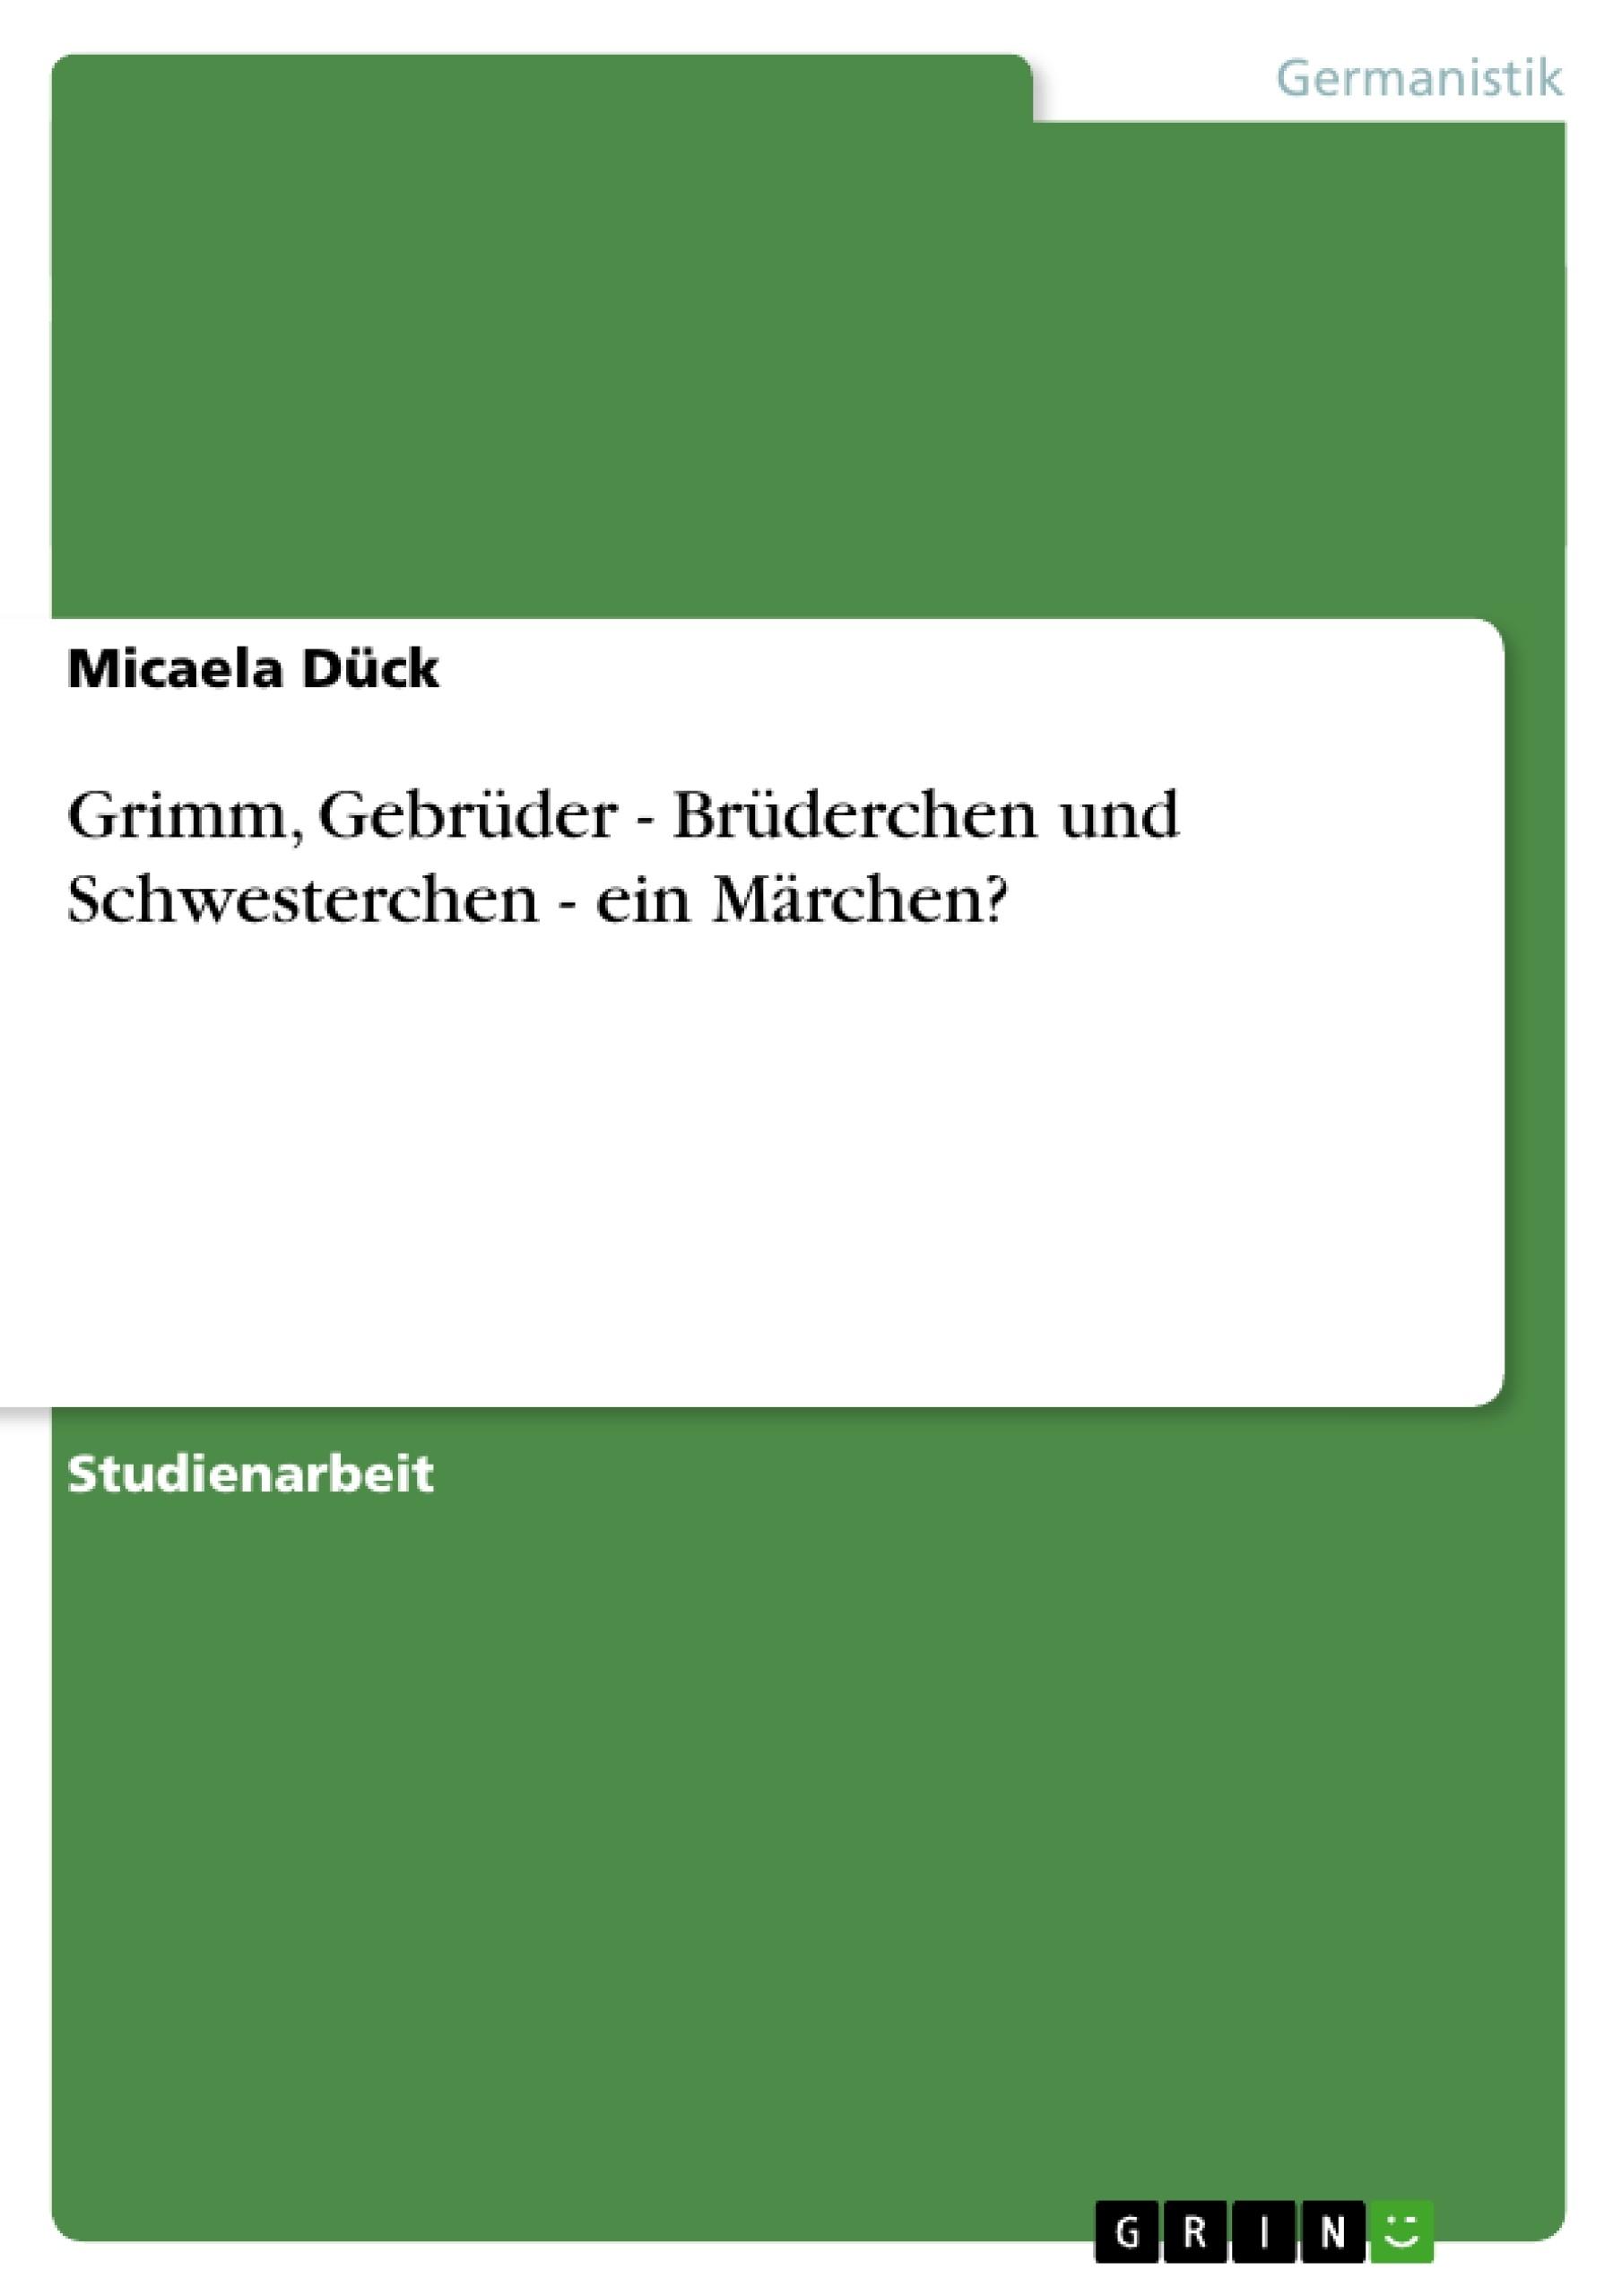 Titel: Grimm, Gebrüder - Brüderchen und Schwesterchen - ein Märchen?